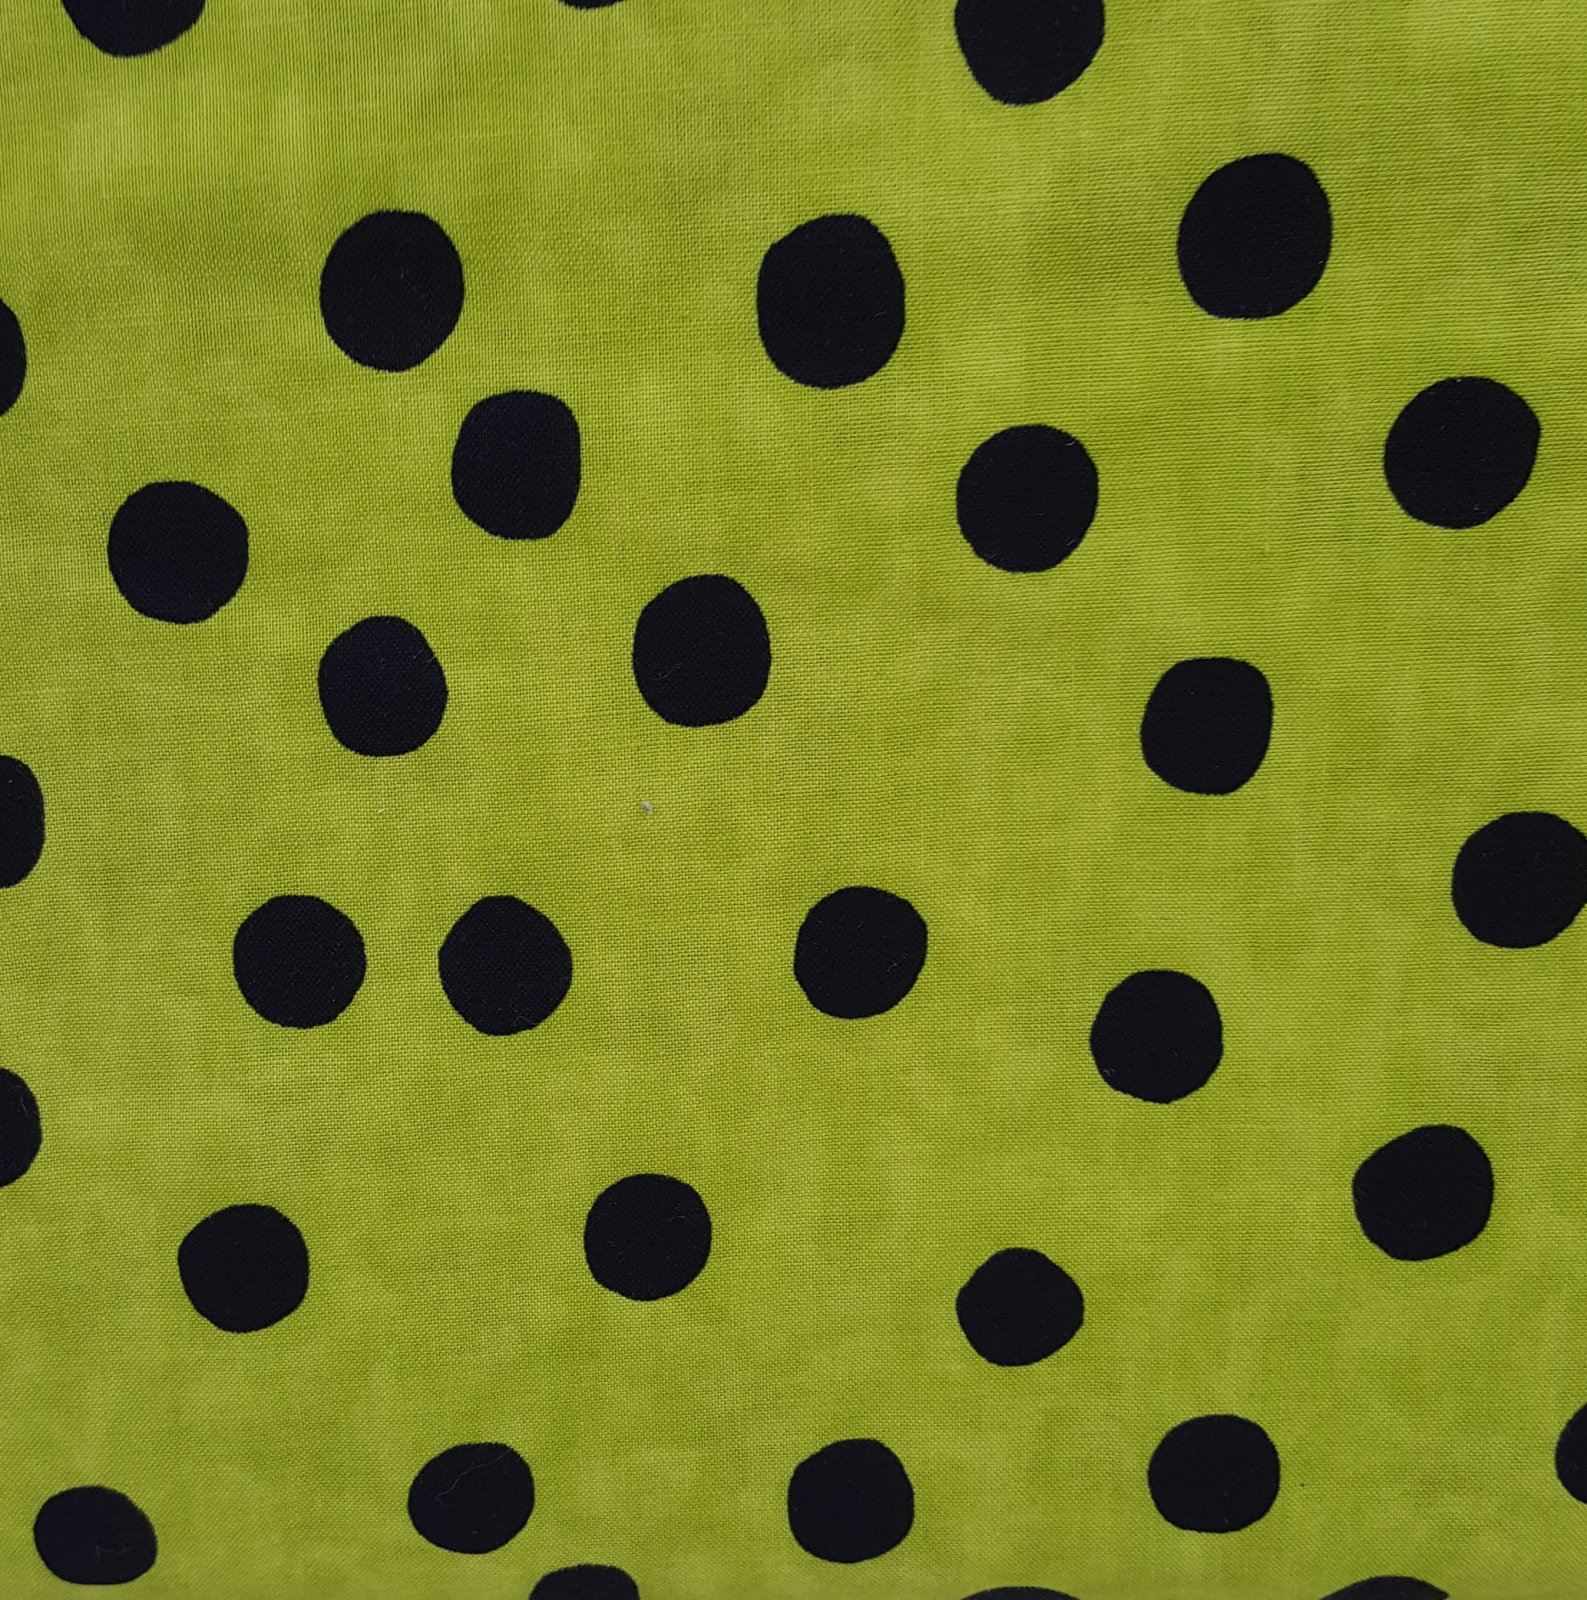 5592-69 Spooktacular Too Green/Black Dots